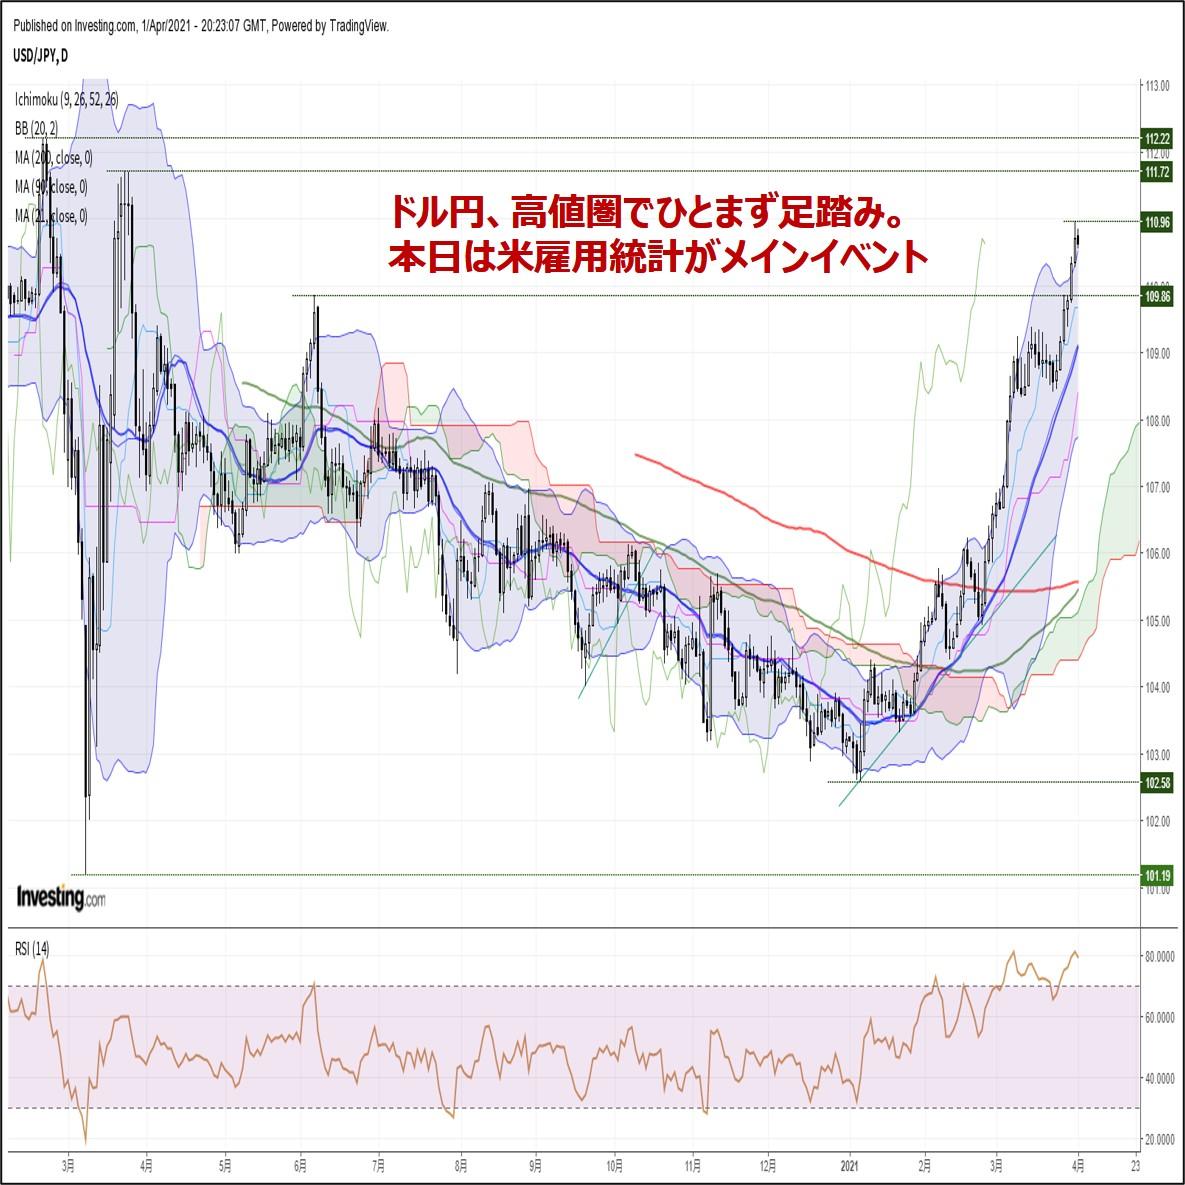 ドル円、高値圏でひとまず足踏み。本日は米雇用統計がメインイベント